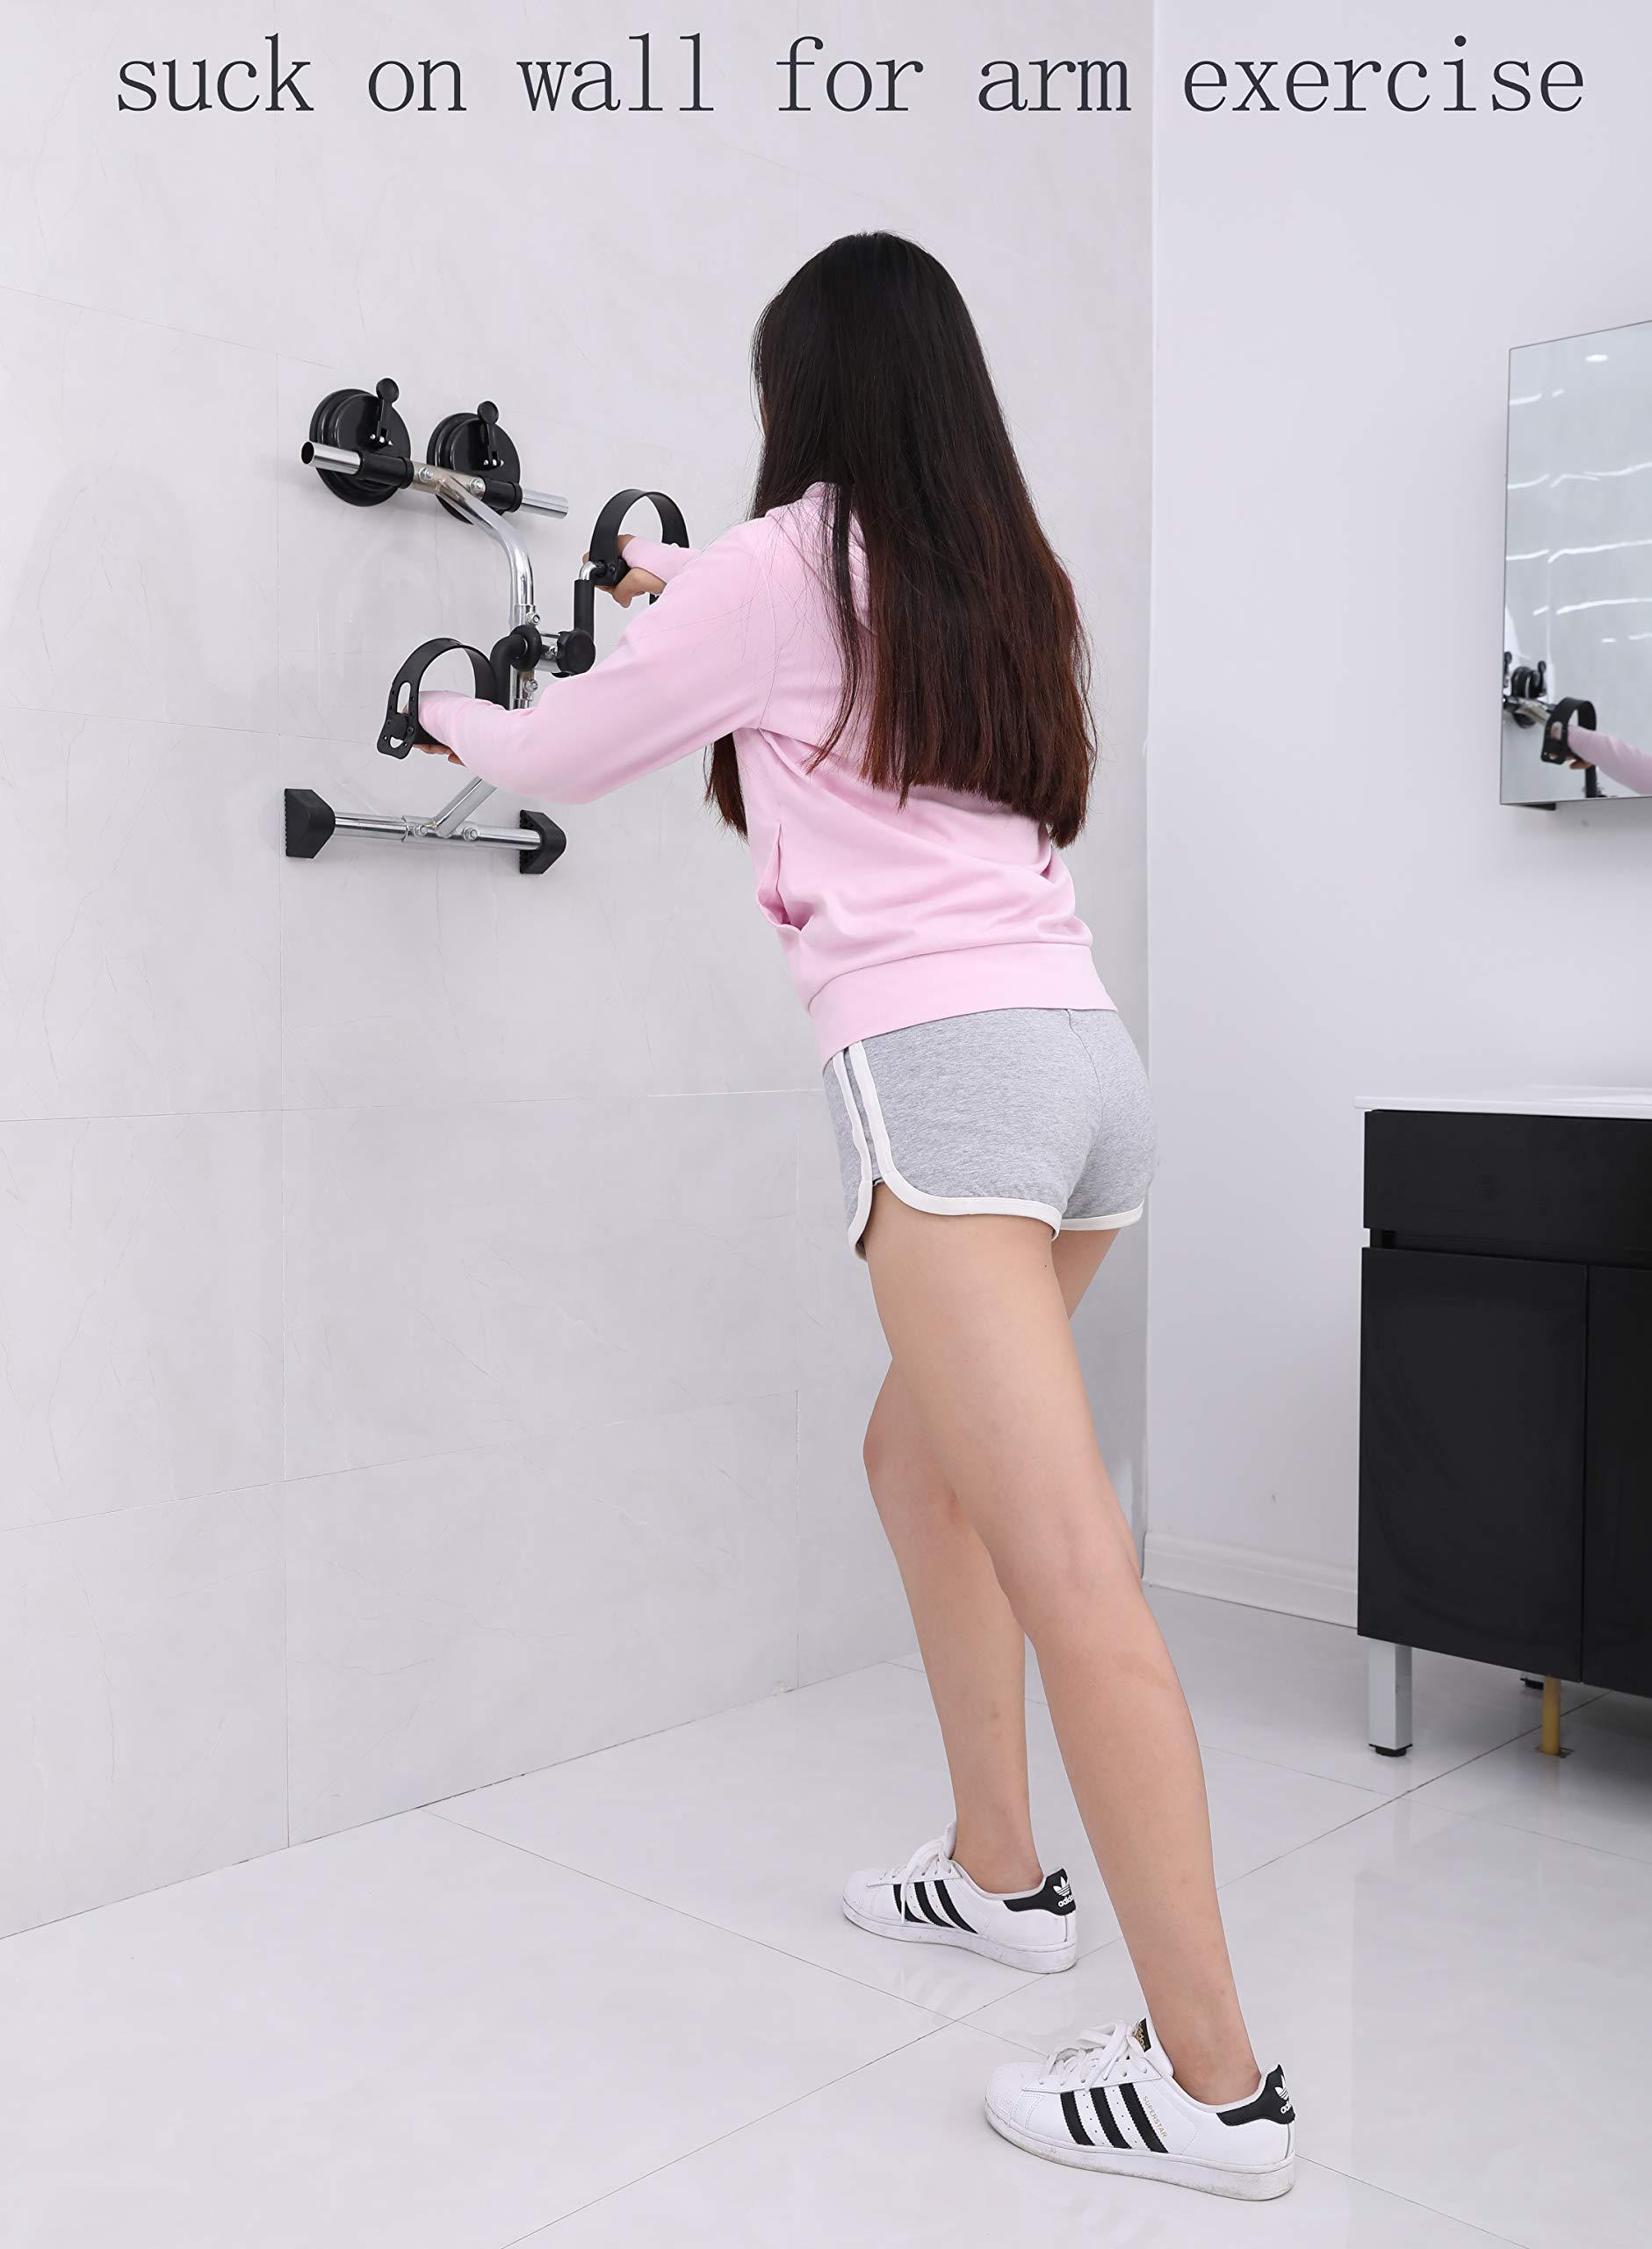 MOMODA Anti-Slip Foot for Mini Exercise Bike Stopper and Holder Anti-Slip Sucker for Pedal Exerciser or Leg Exerciser 2 pcs (26MM) by MOMODA (Image #7)